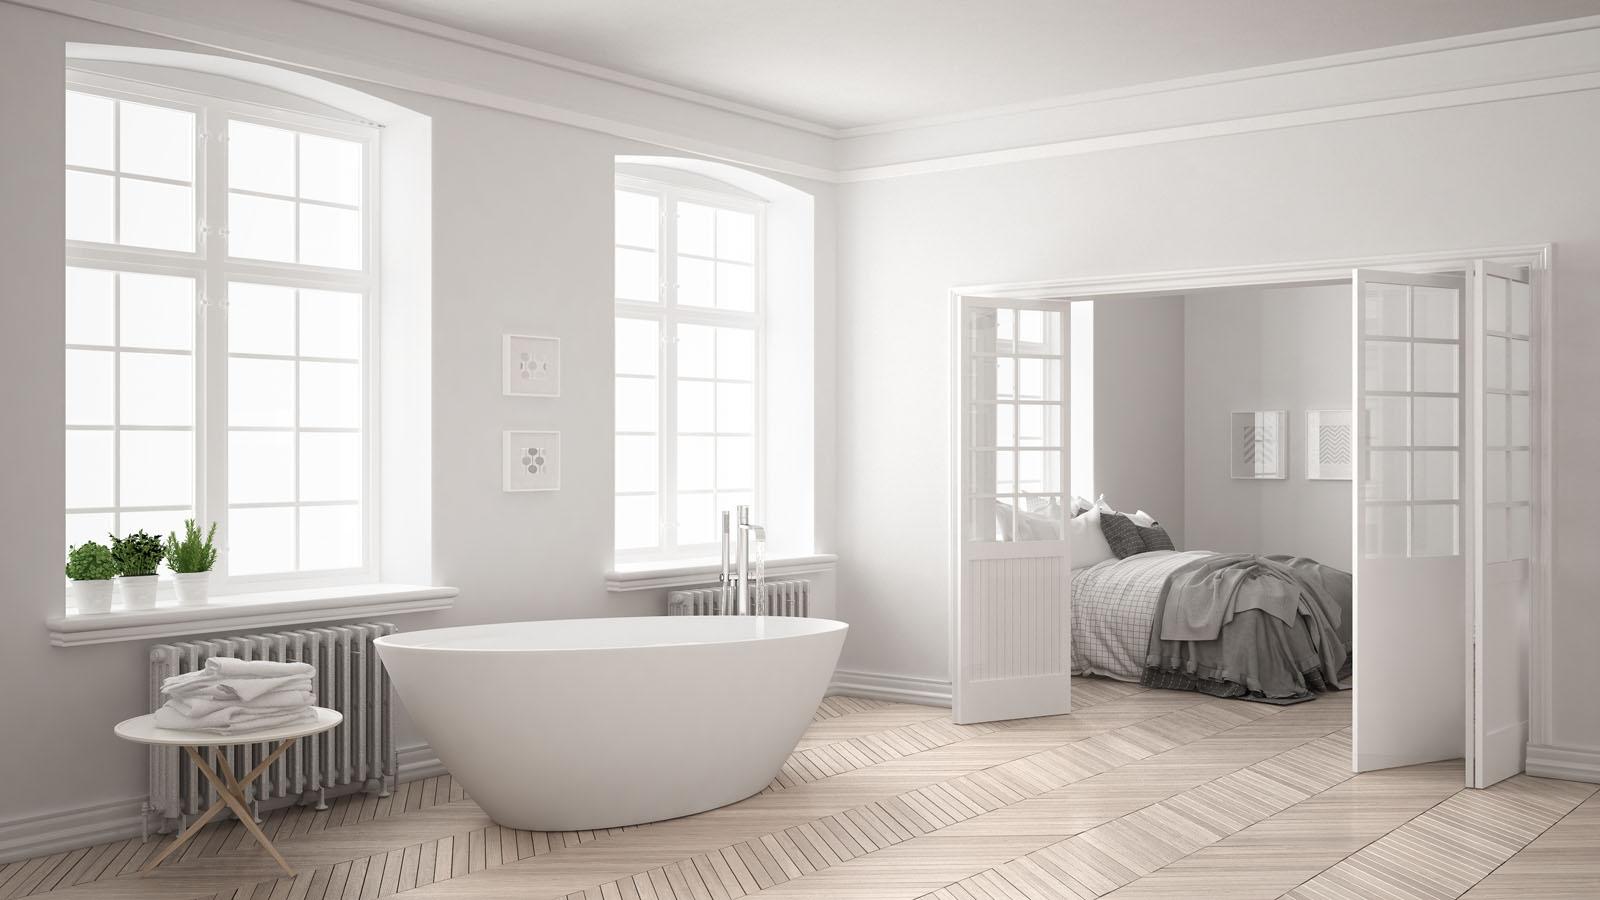 Proposte Di Arredo Bagno tendenze di arredo per un bagno in stile nordico | modo d